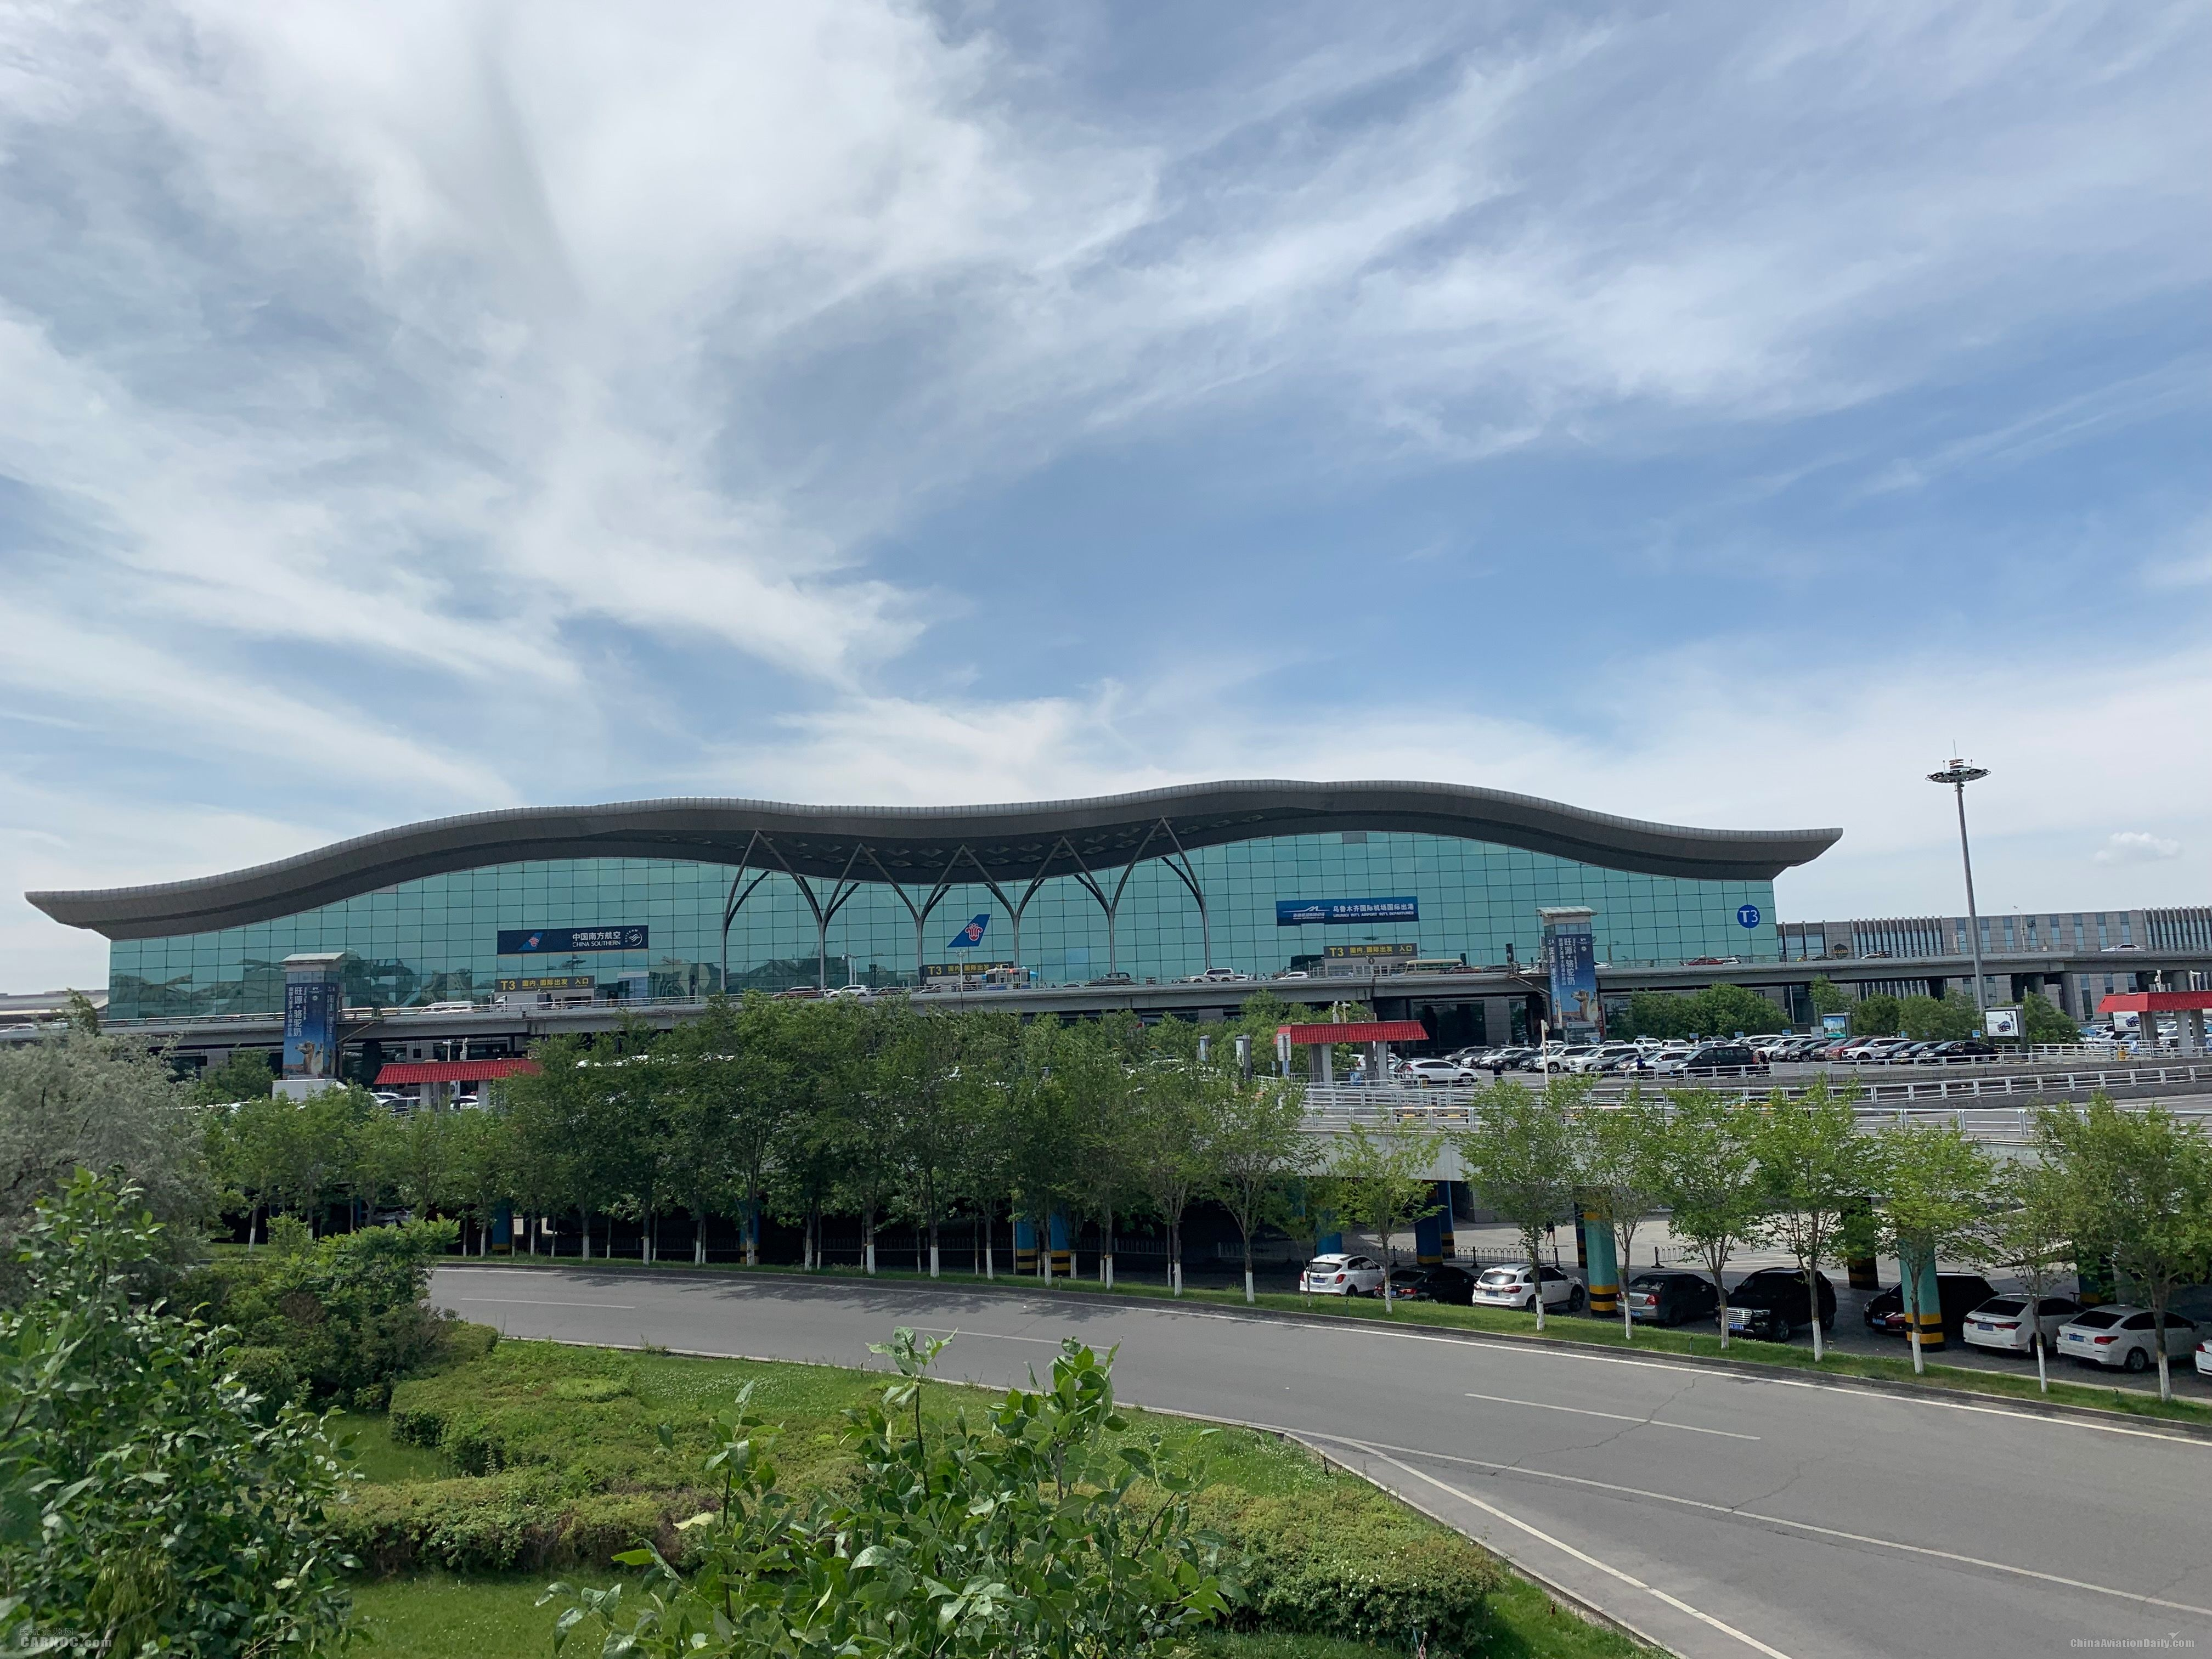 乌鲁木齐国际机场5月新开复航4条航线